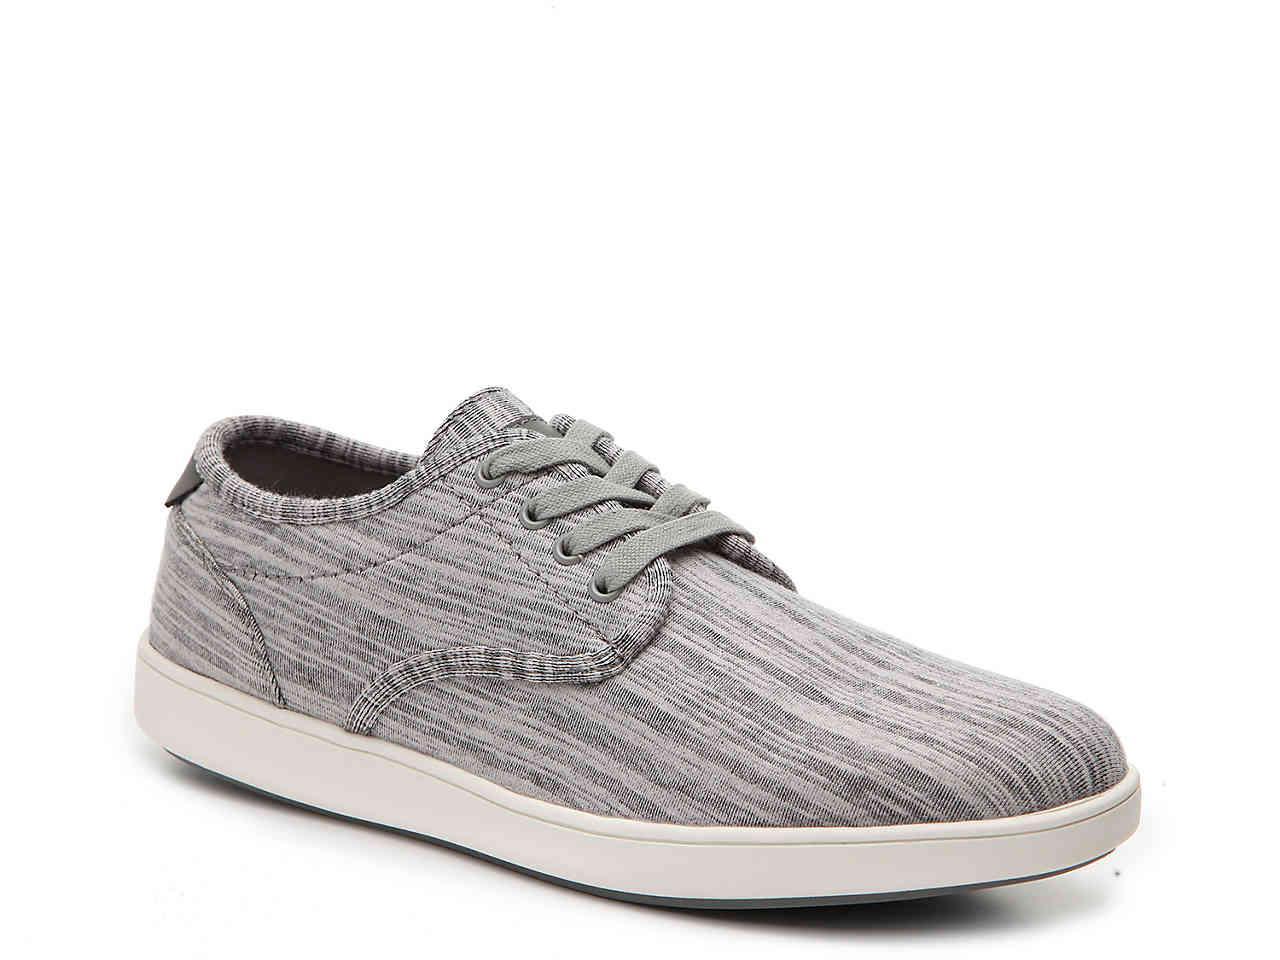 6235ec32d2d Lyst - Steve Madden Fandom Sneaker in Gray for Men